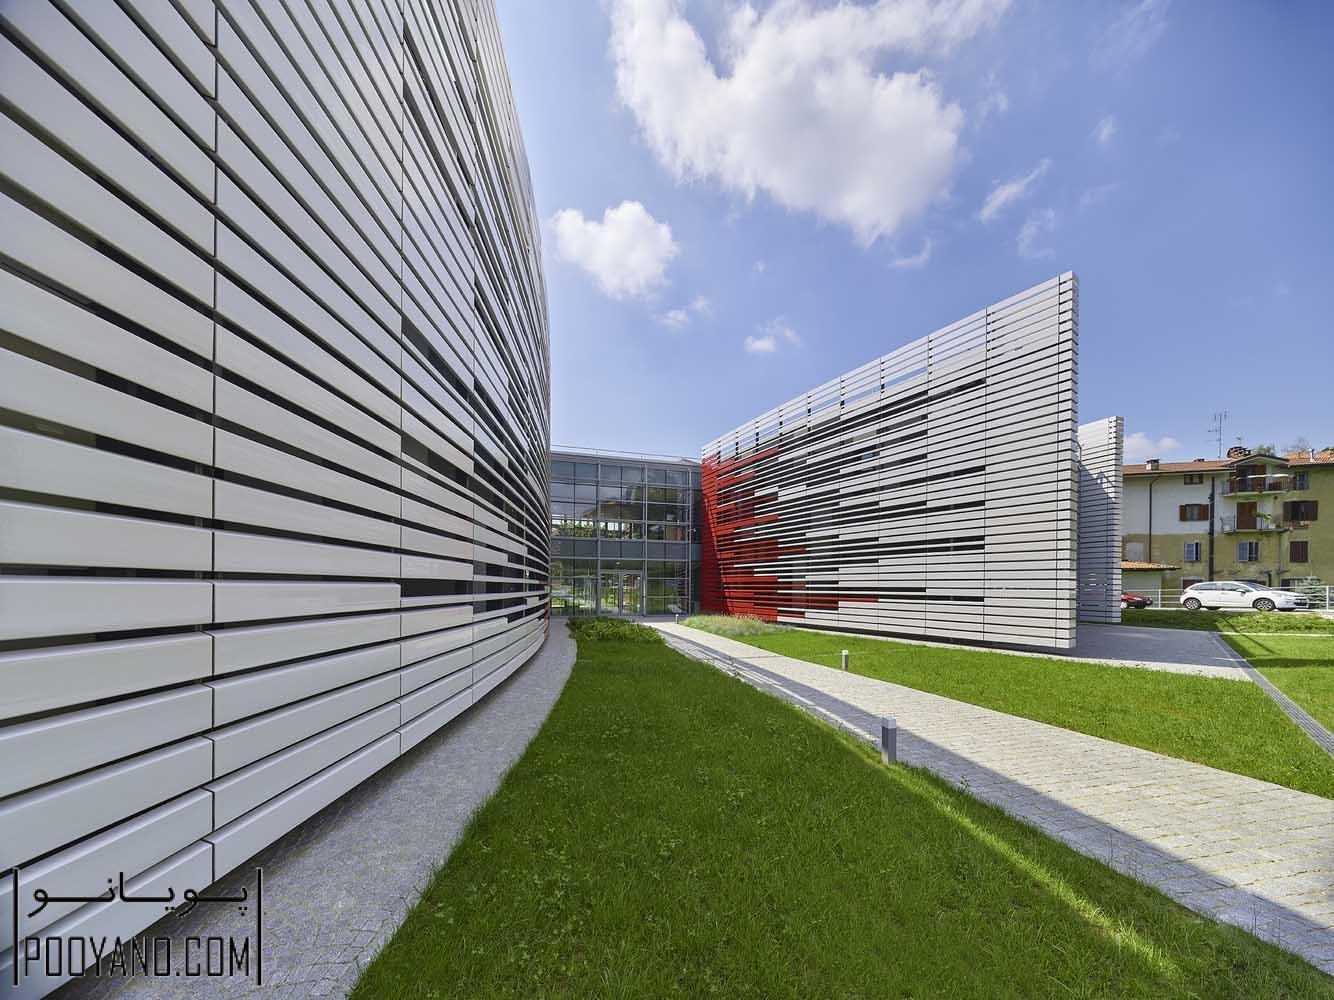 طراحی ساختمان مرکز درمانی اسپاجو لیلت (Spazio Lilt) / شرکت معماری اتاویو دی بلازی و همکاران